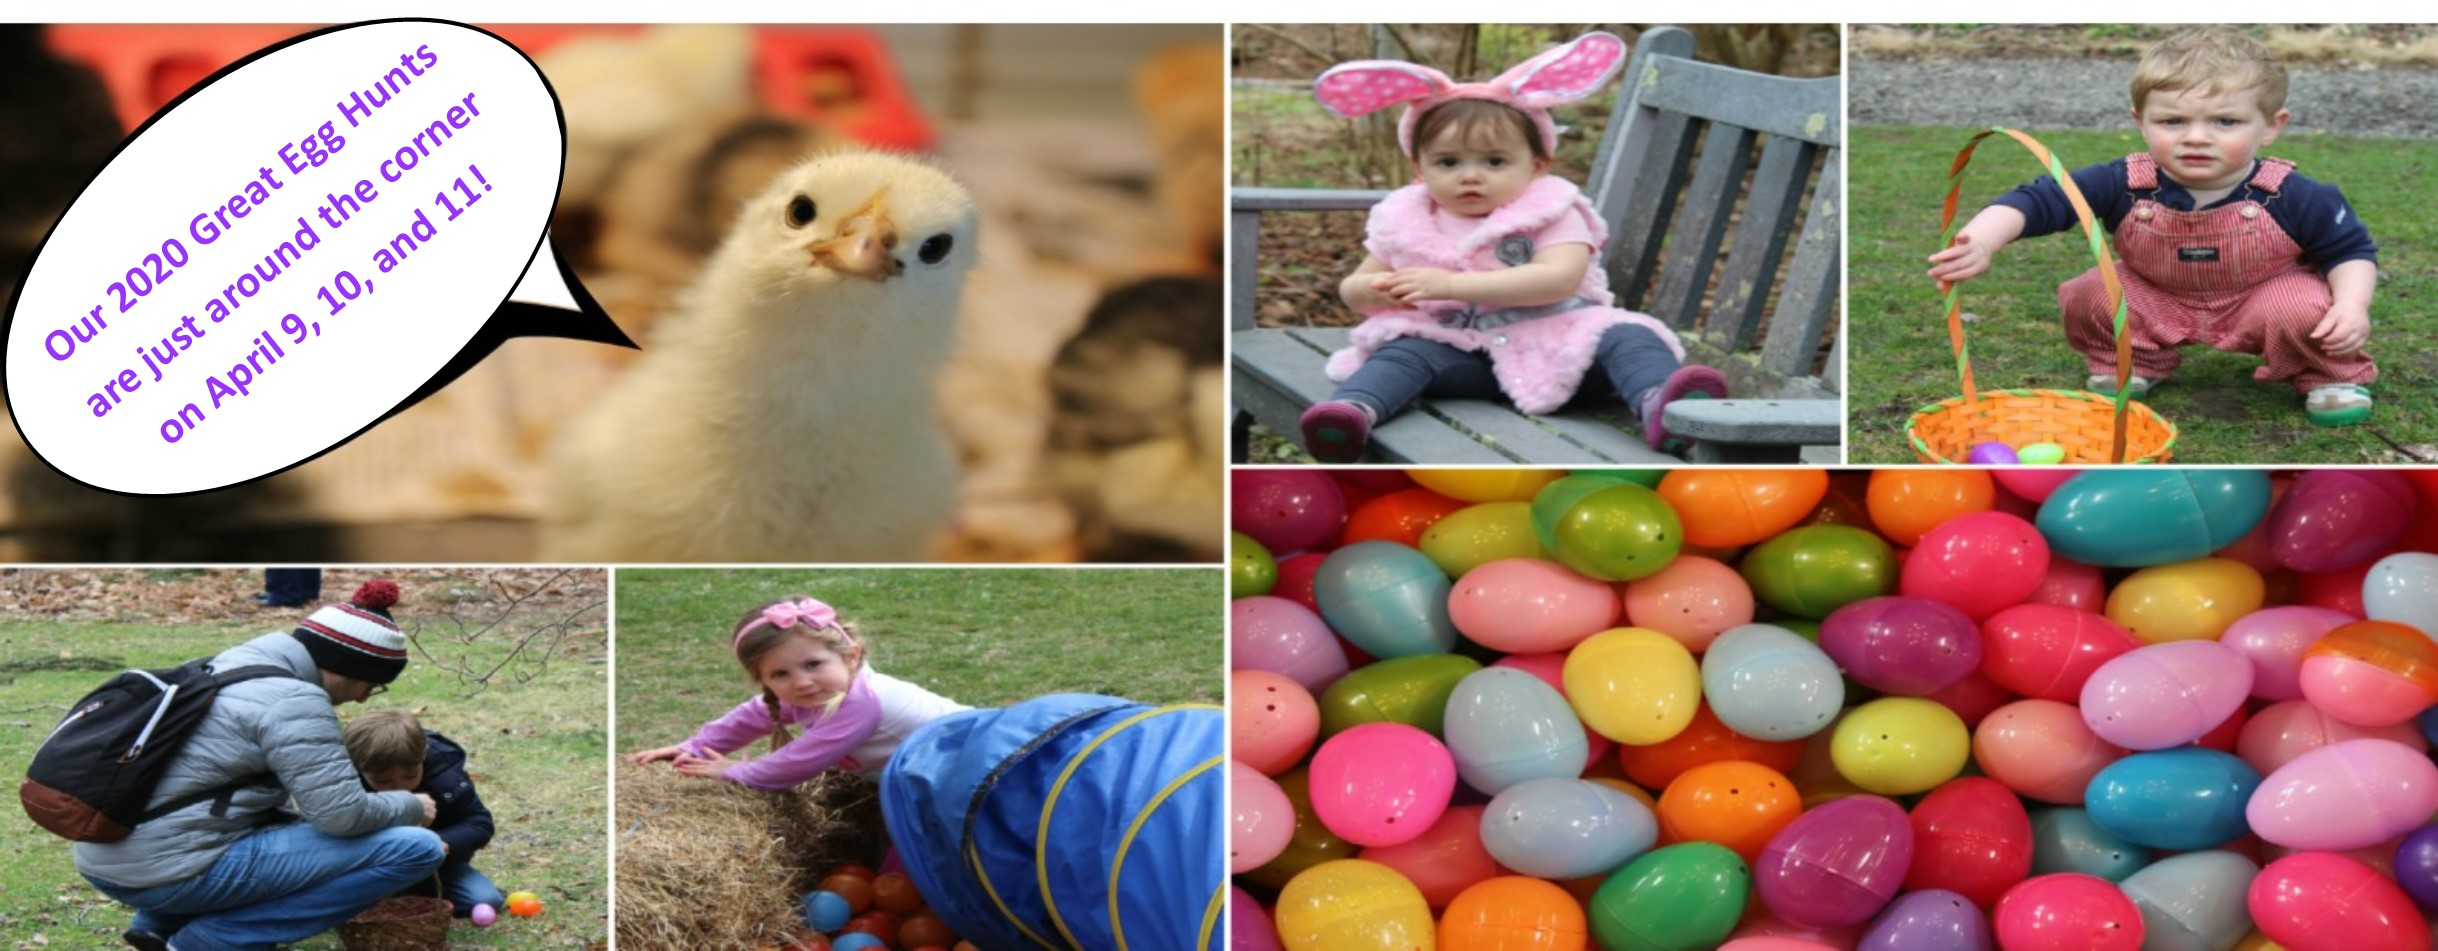 egg hunts2020